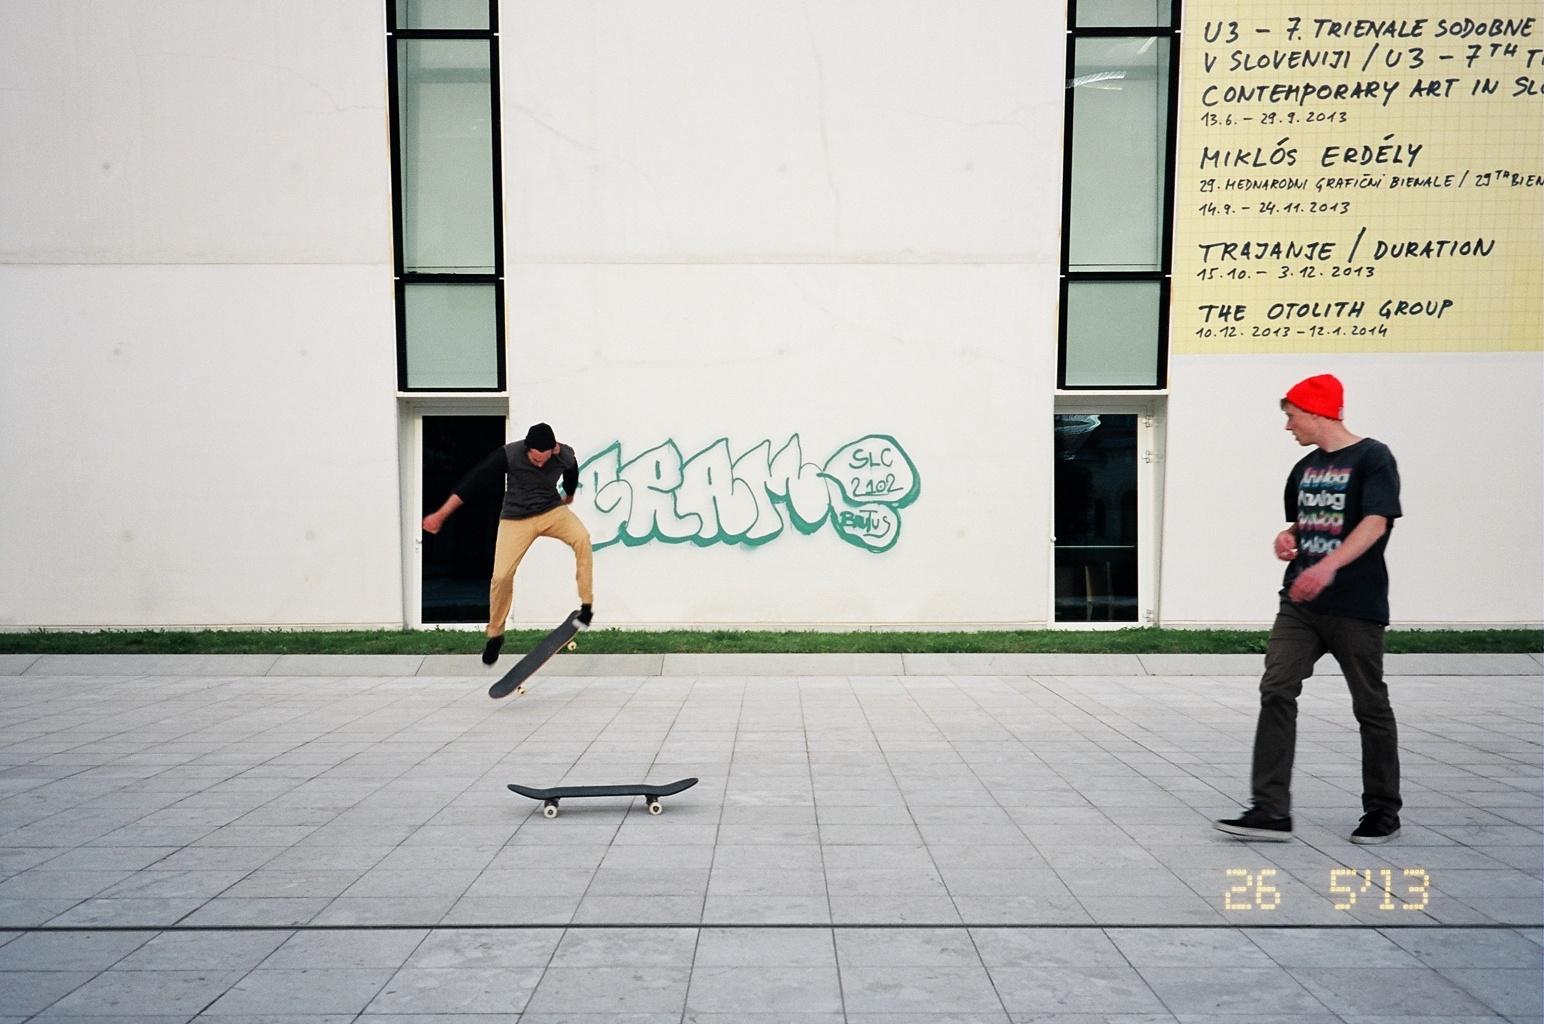 Skate Boarders in Ljubljana